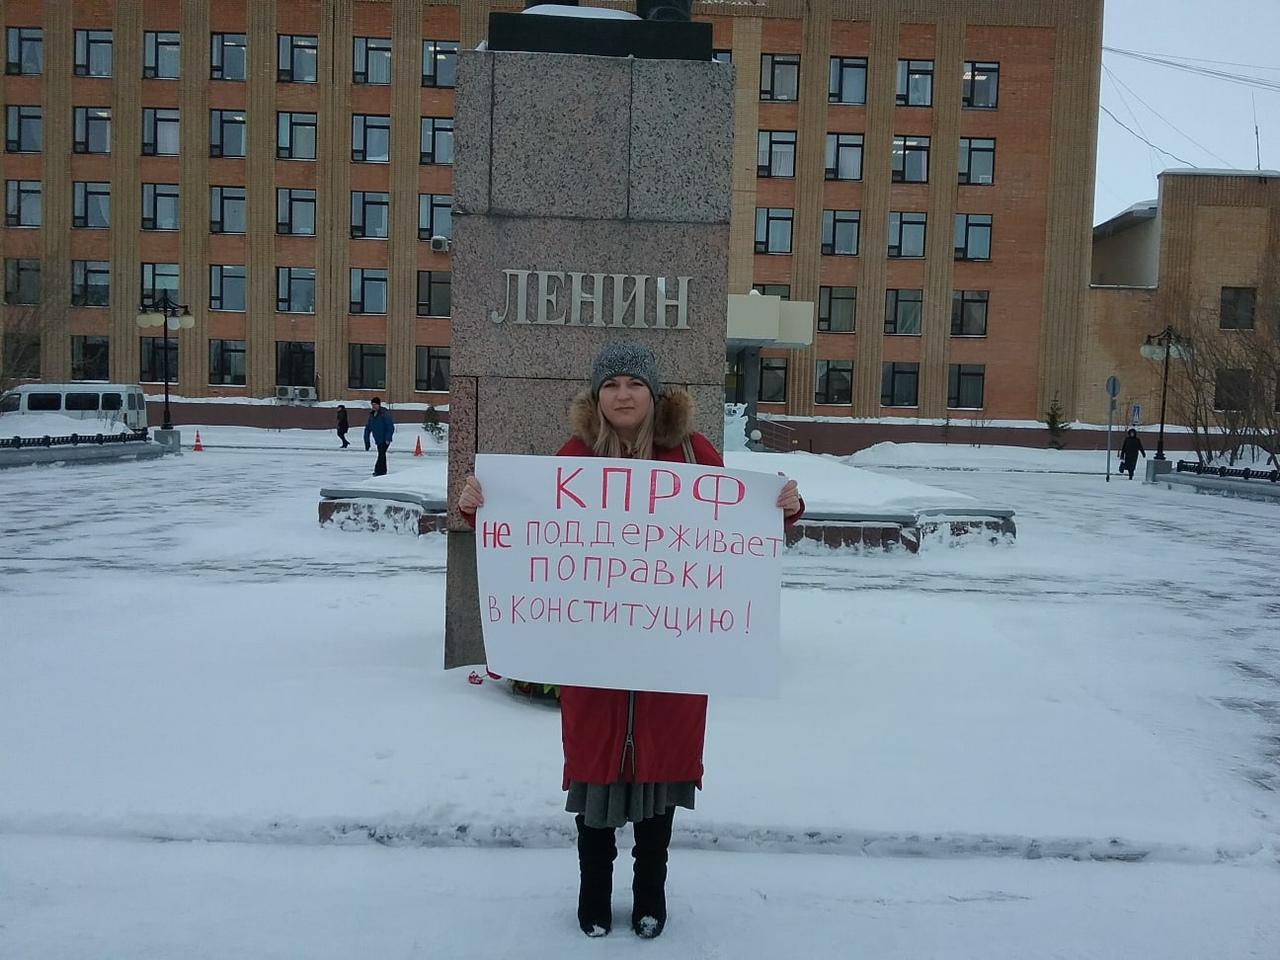 Фракция КПРФ в Законодательном Собрании Ямало-Ненецкого автономного округа не поддержала поправки к Конституции